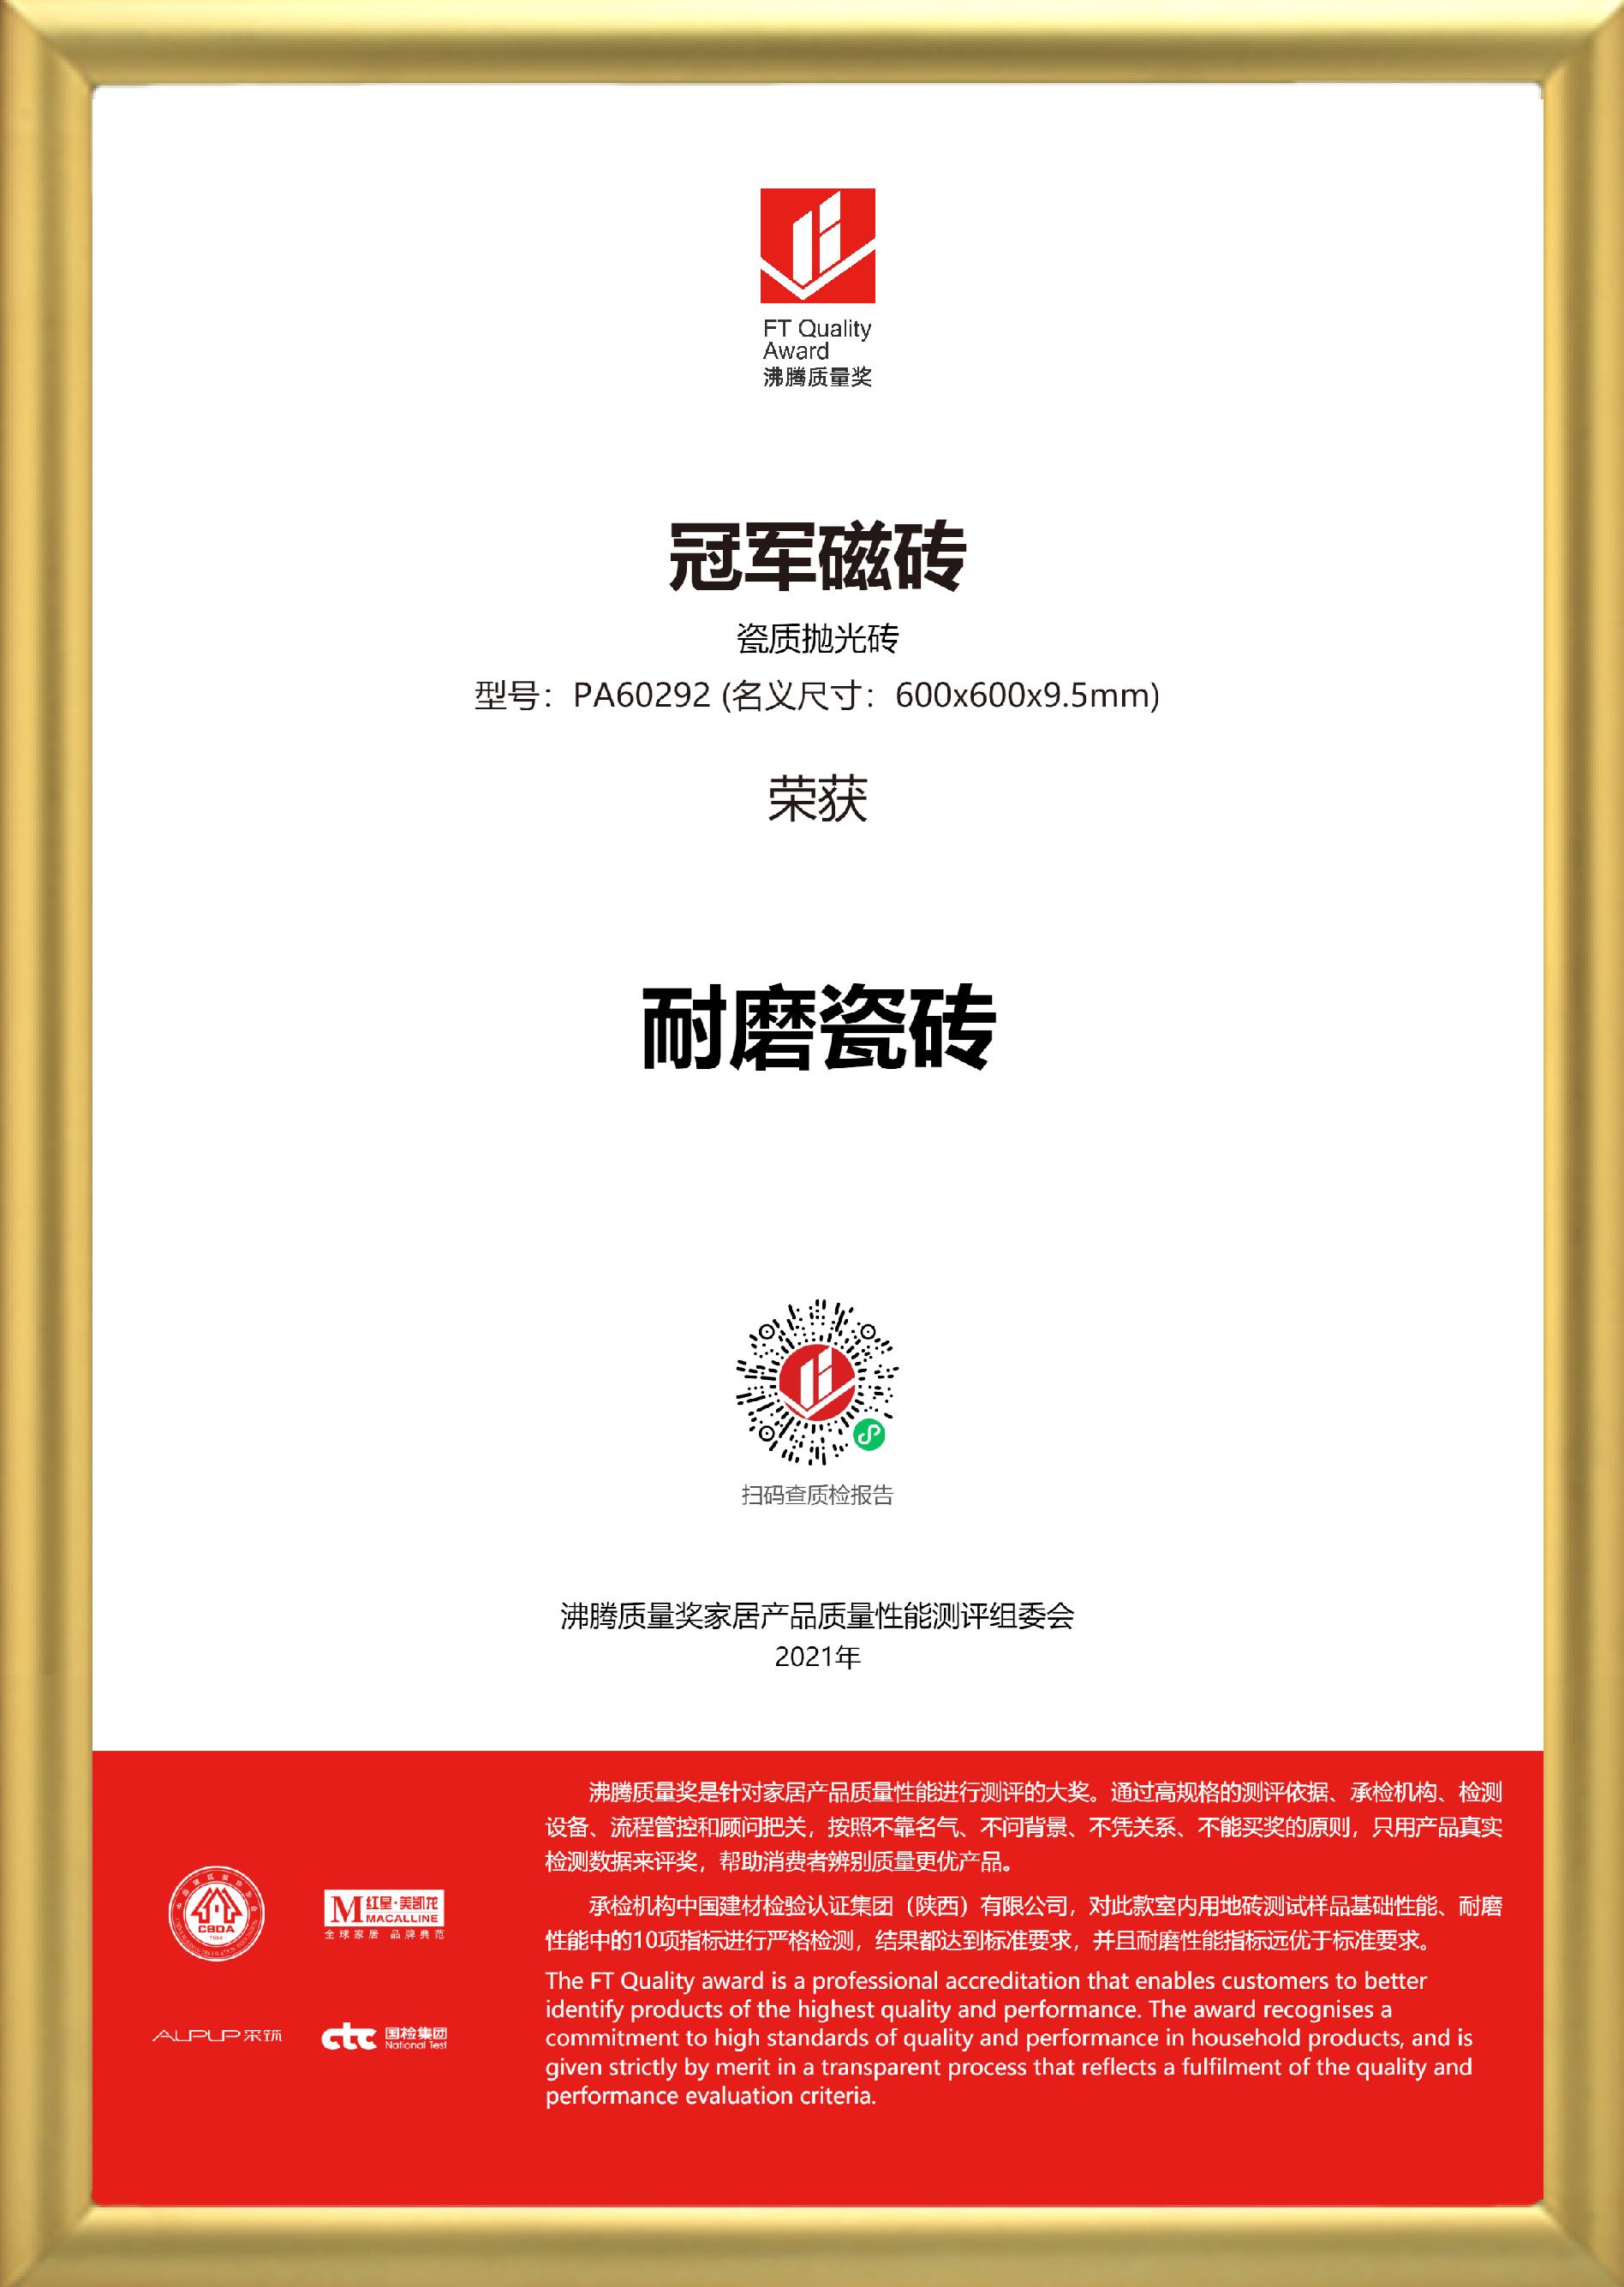 金框加持-获奖证书-冠军磁砖-室内用地砖-PA60292 (名义尺寸:600x600x9.5mm).png